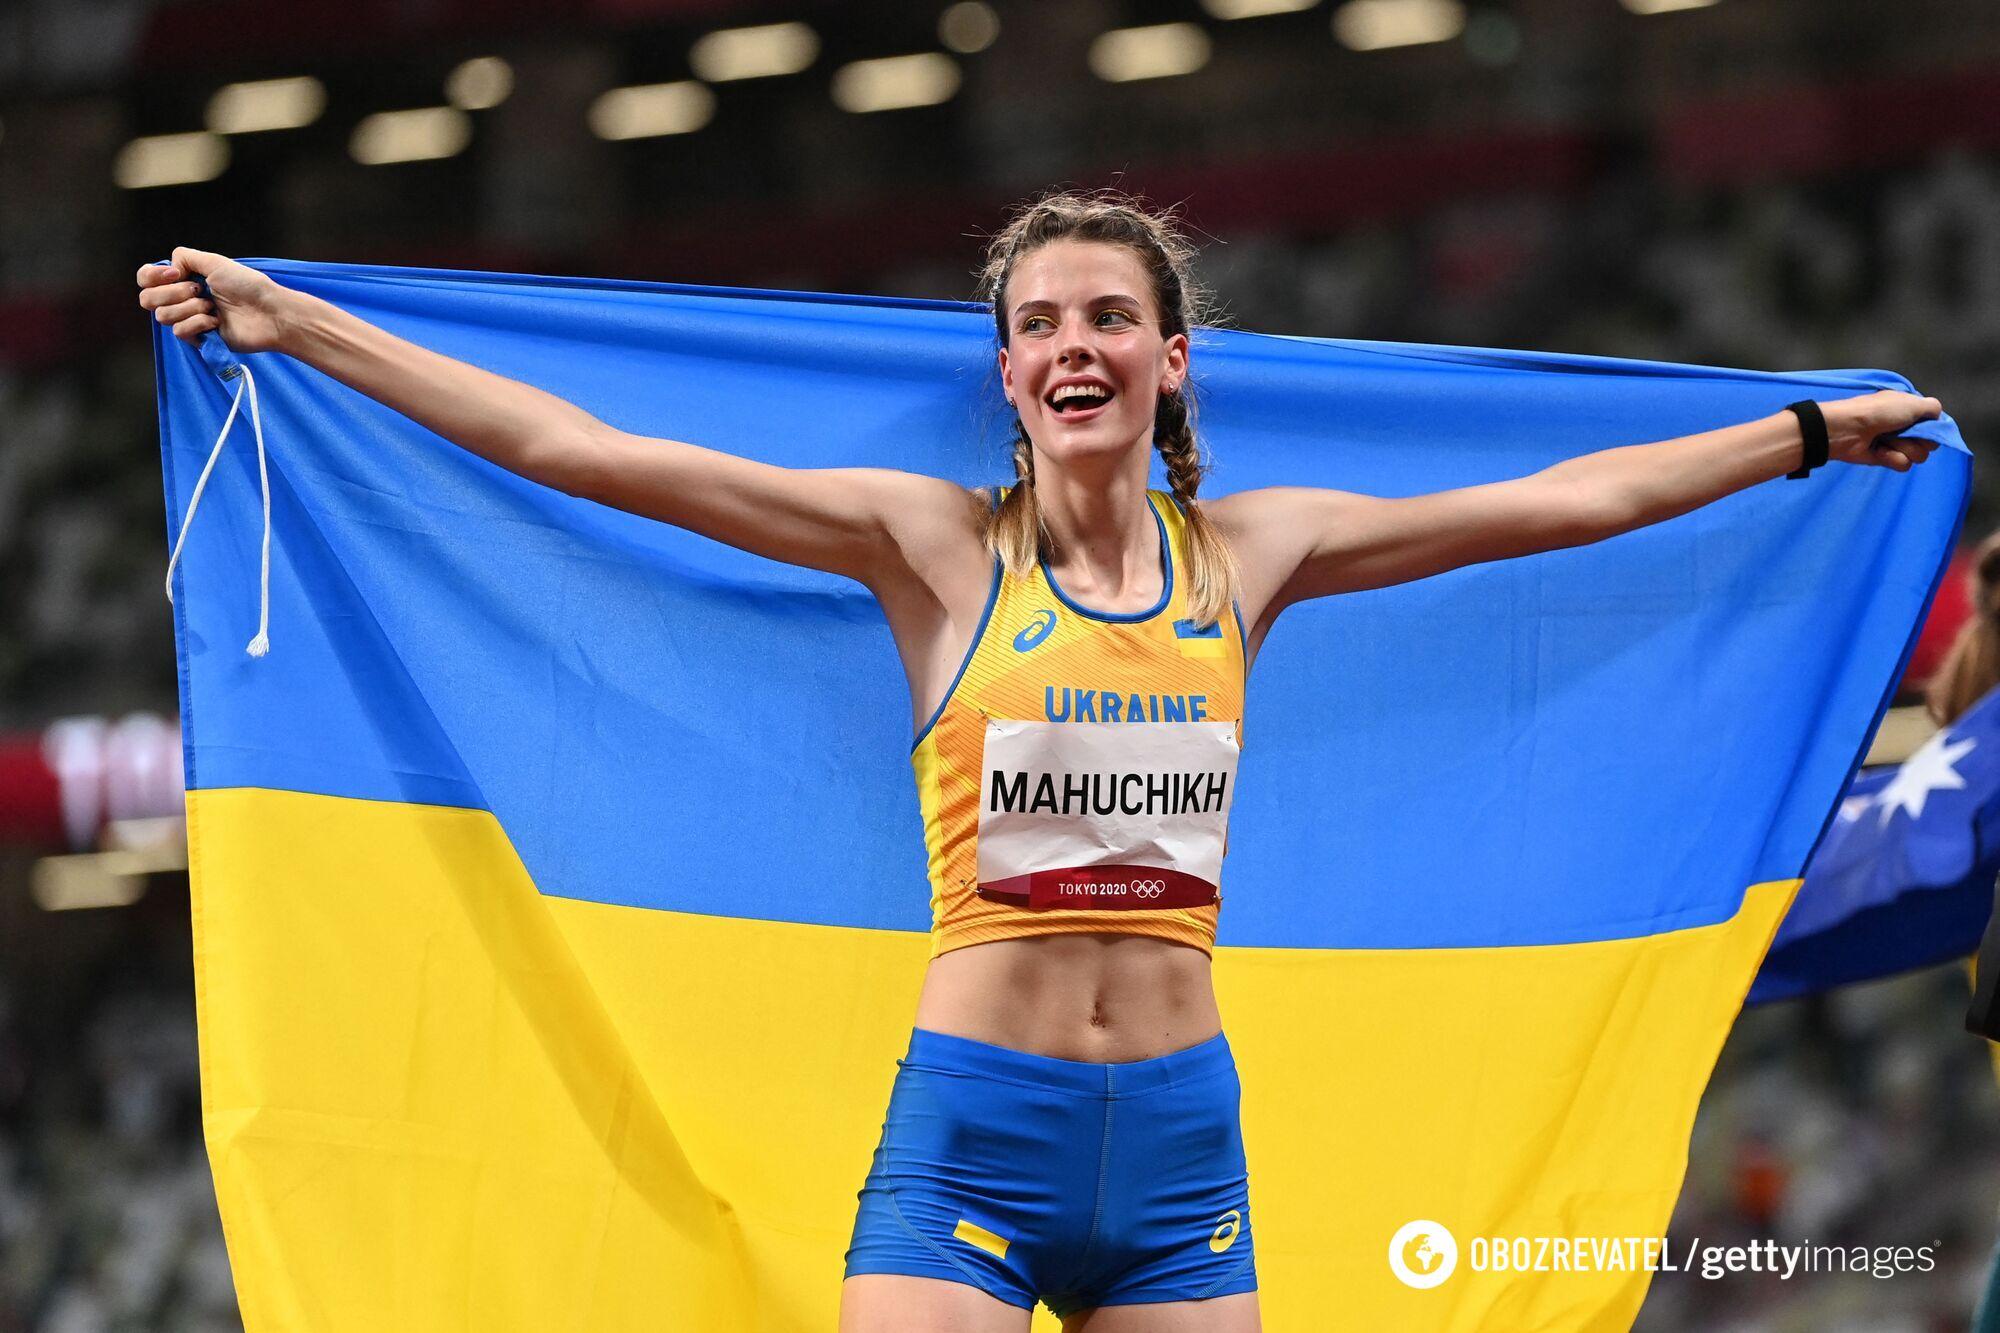 Ярослава Магучих провела яркий сезон